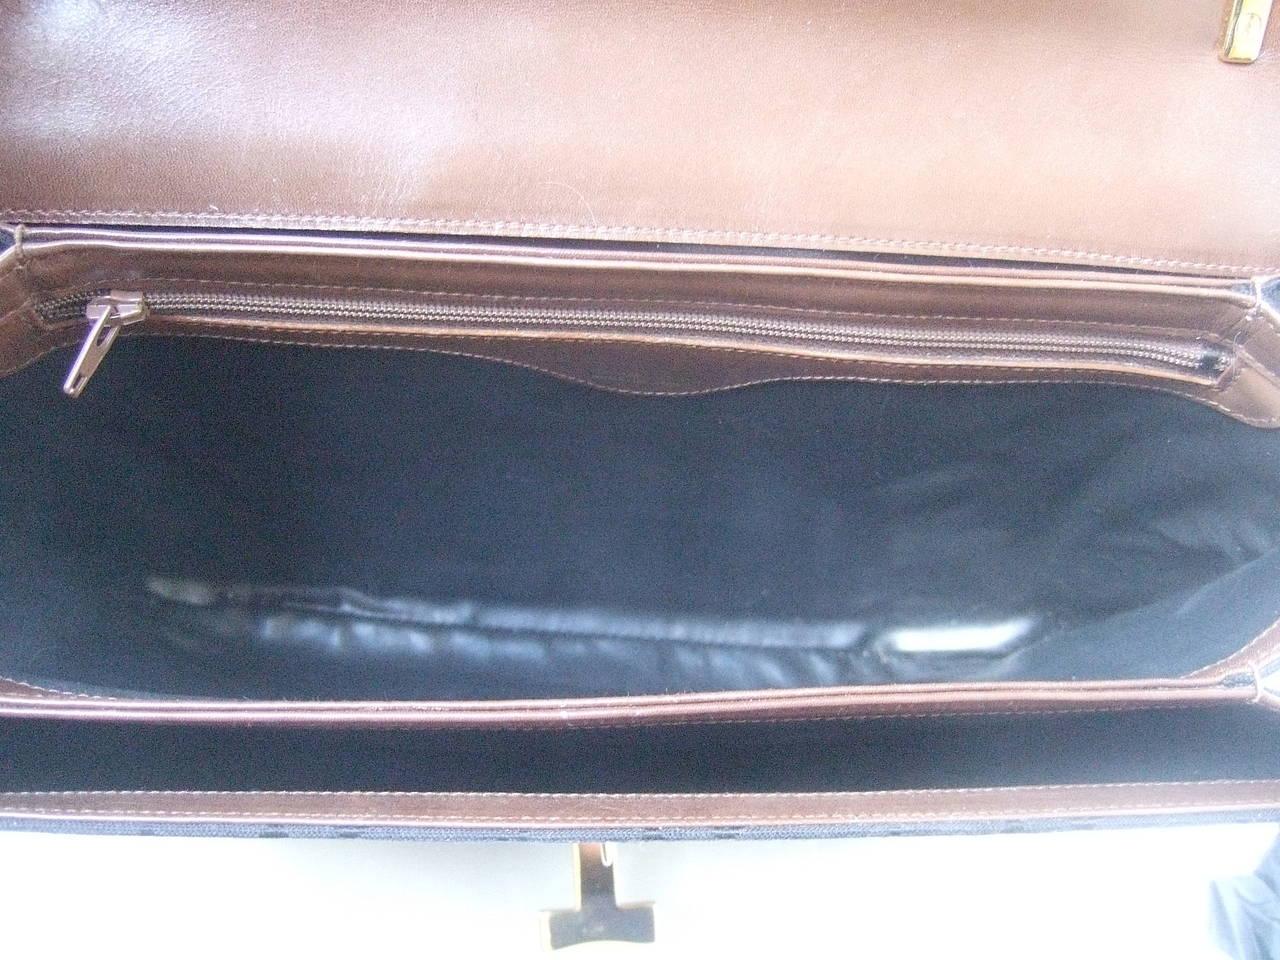 Tiffany & Company Black Canvas Handbag Made in Italy c 1980 For Sale 3